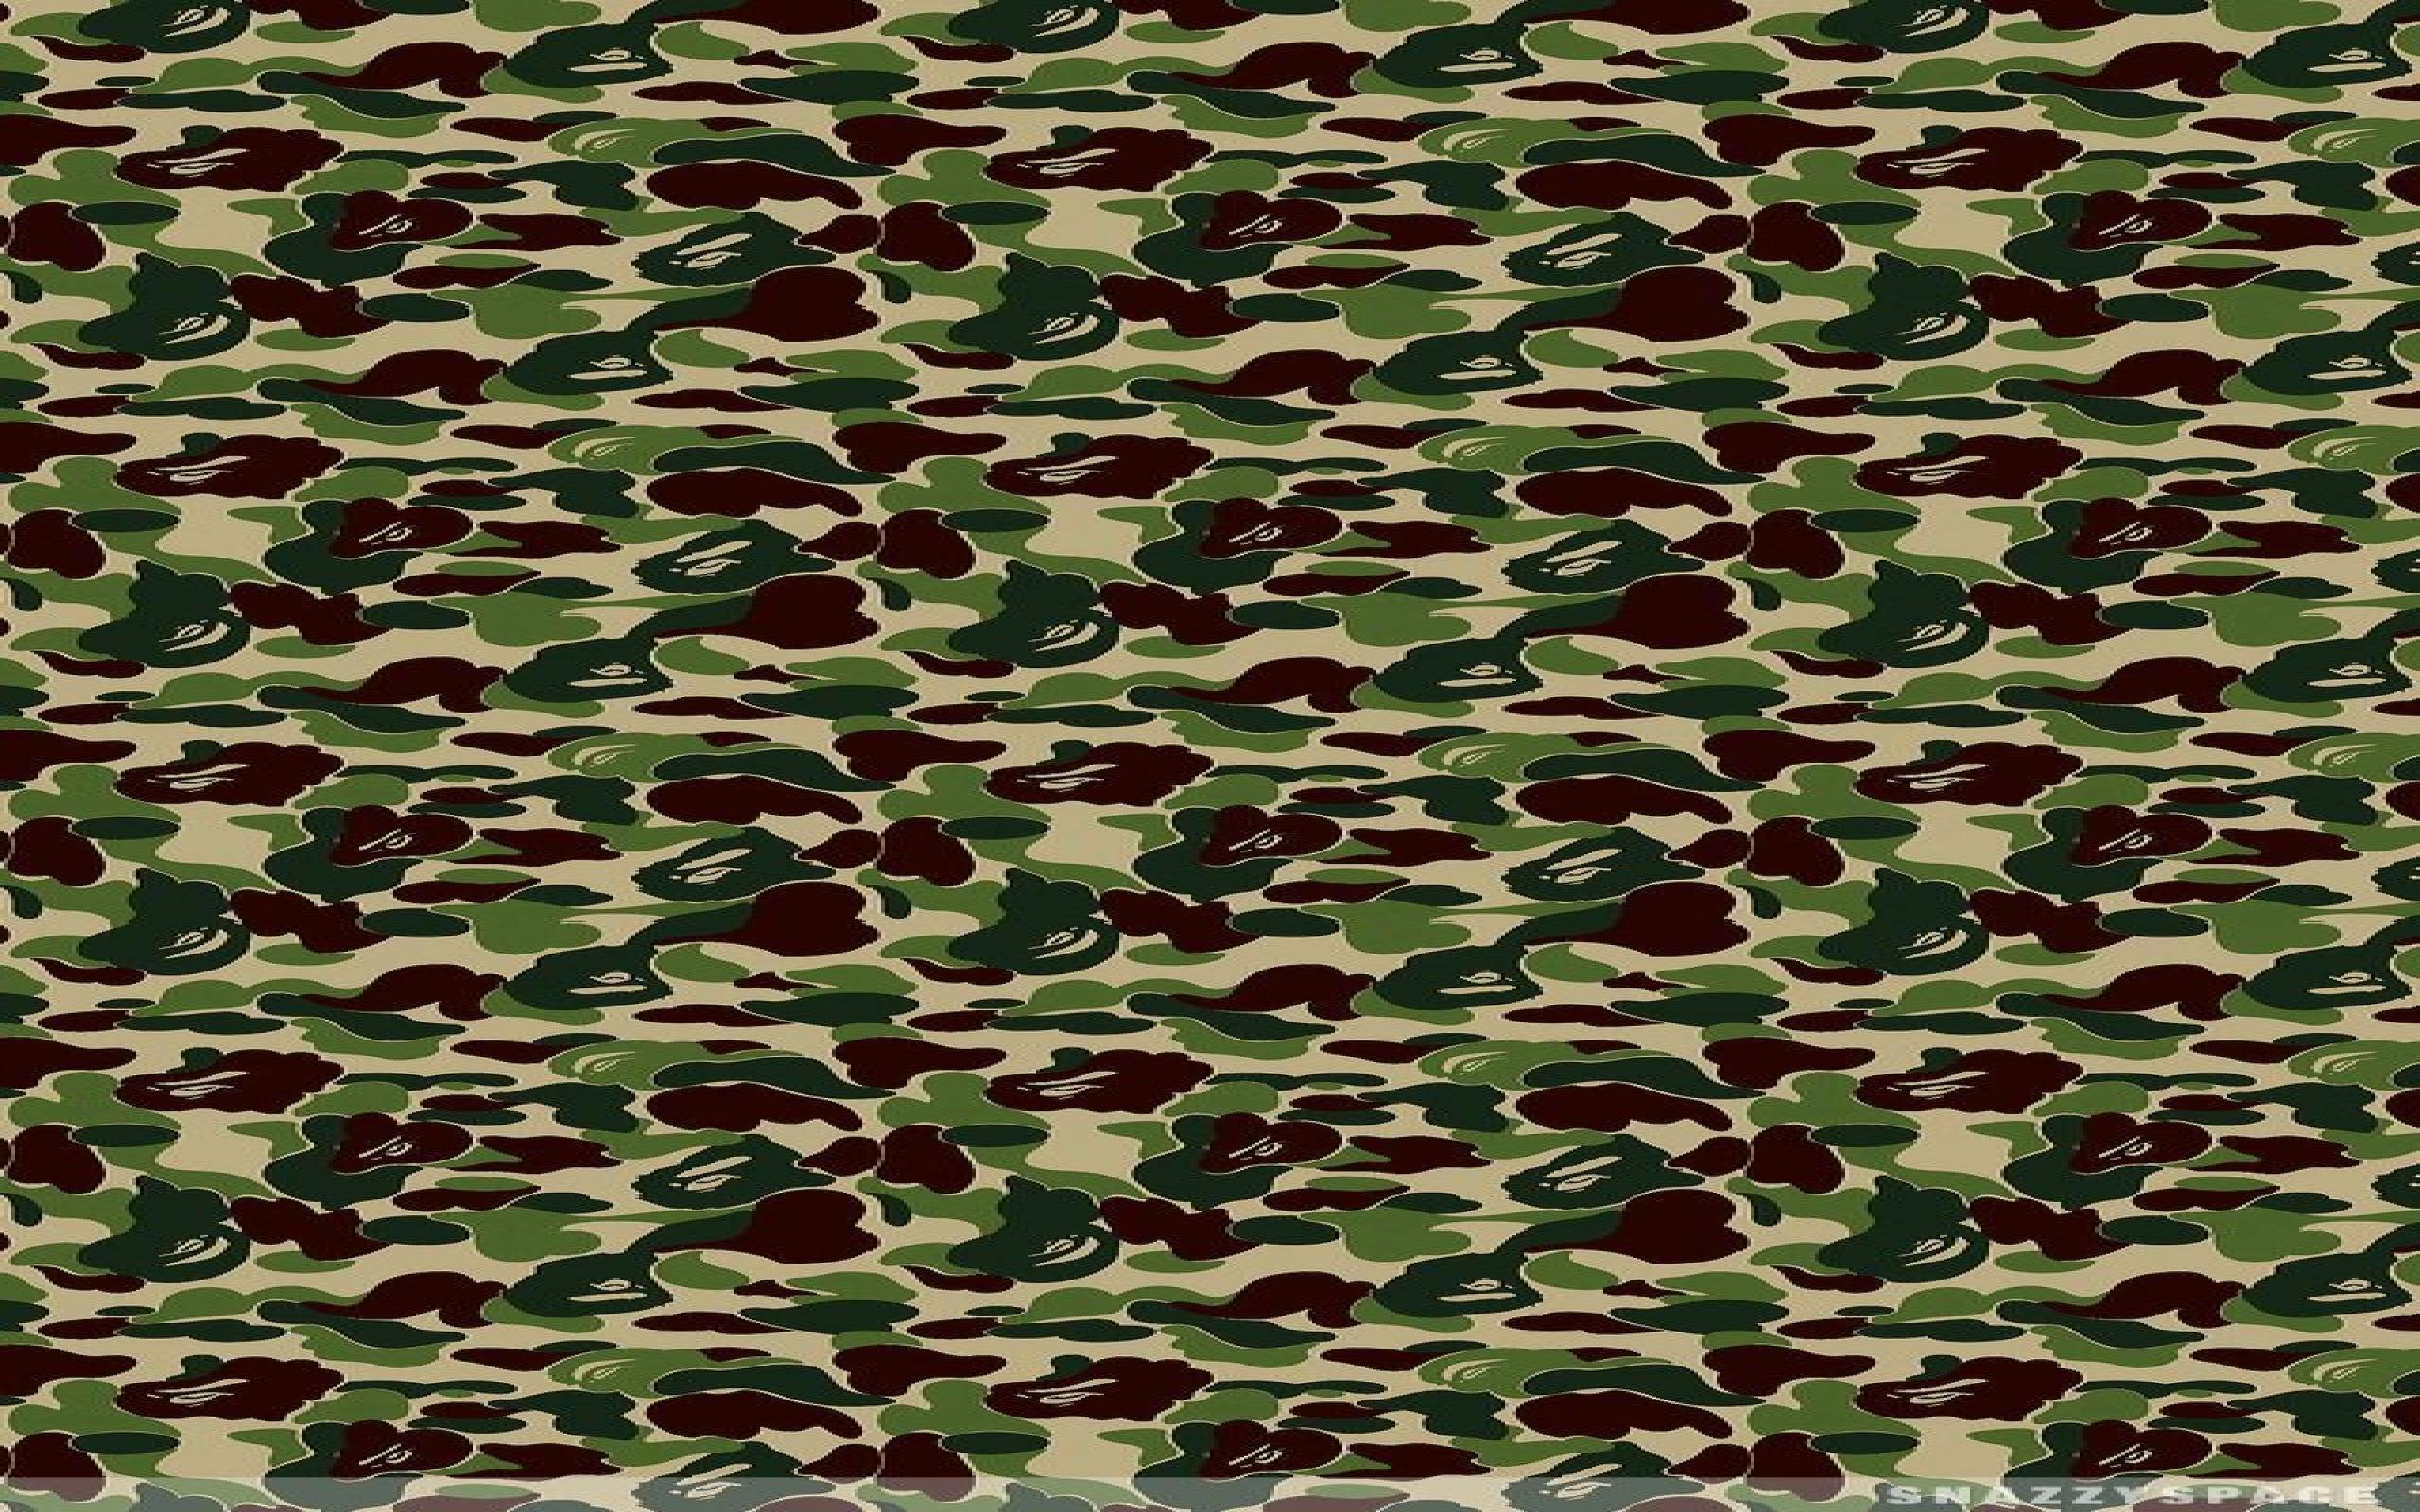 1024x768 Bape Shark Wallpaper